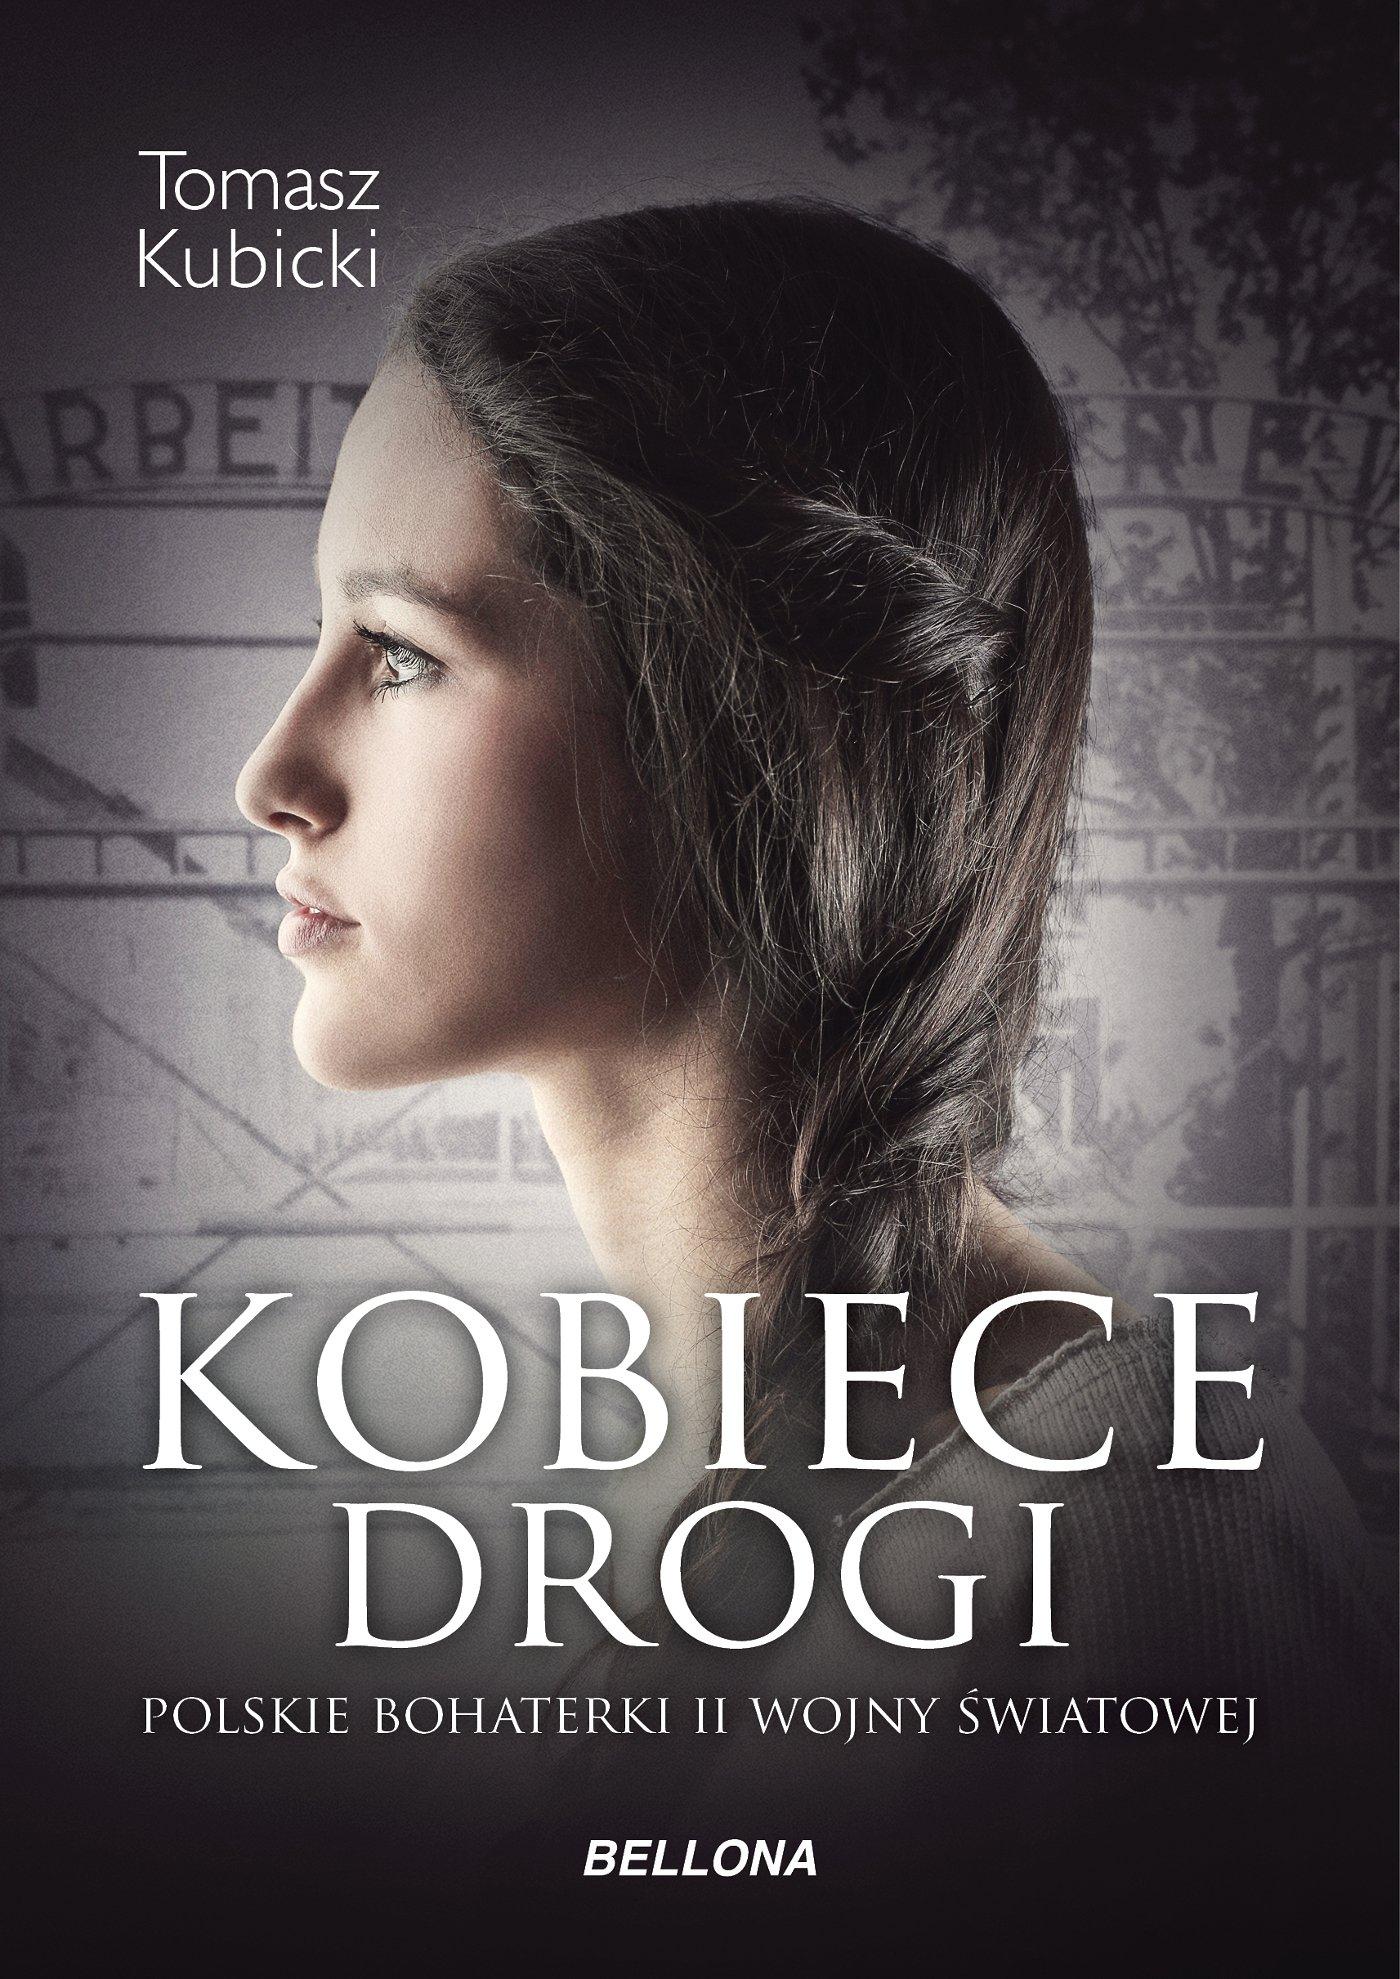 Kobiece drogi. Polskie bohaterki II wojny światowej - Ebook (Książka EPUB) do pobrania w formacie EPUB